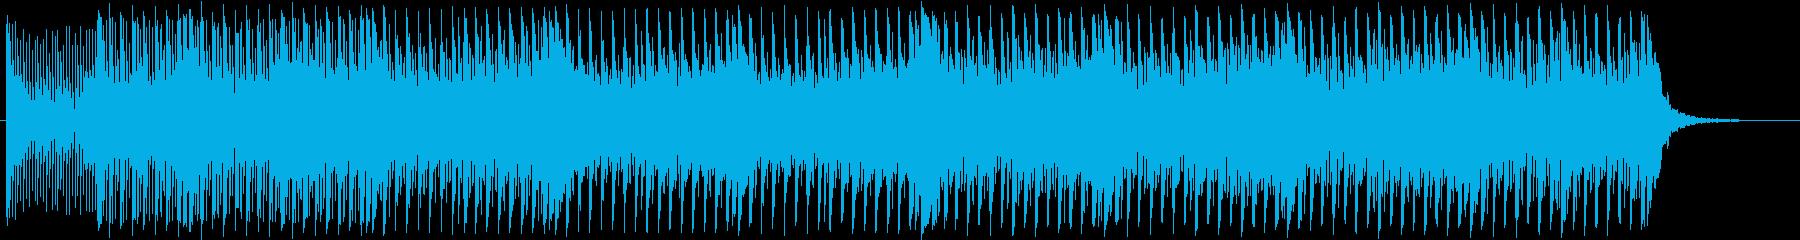 16ビートEDM風和風曲の再生済みの波形